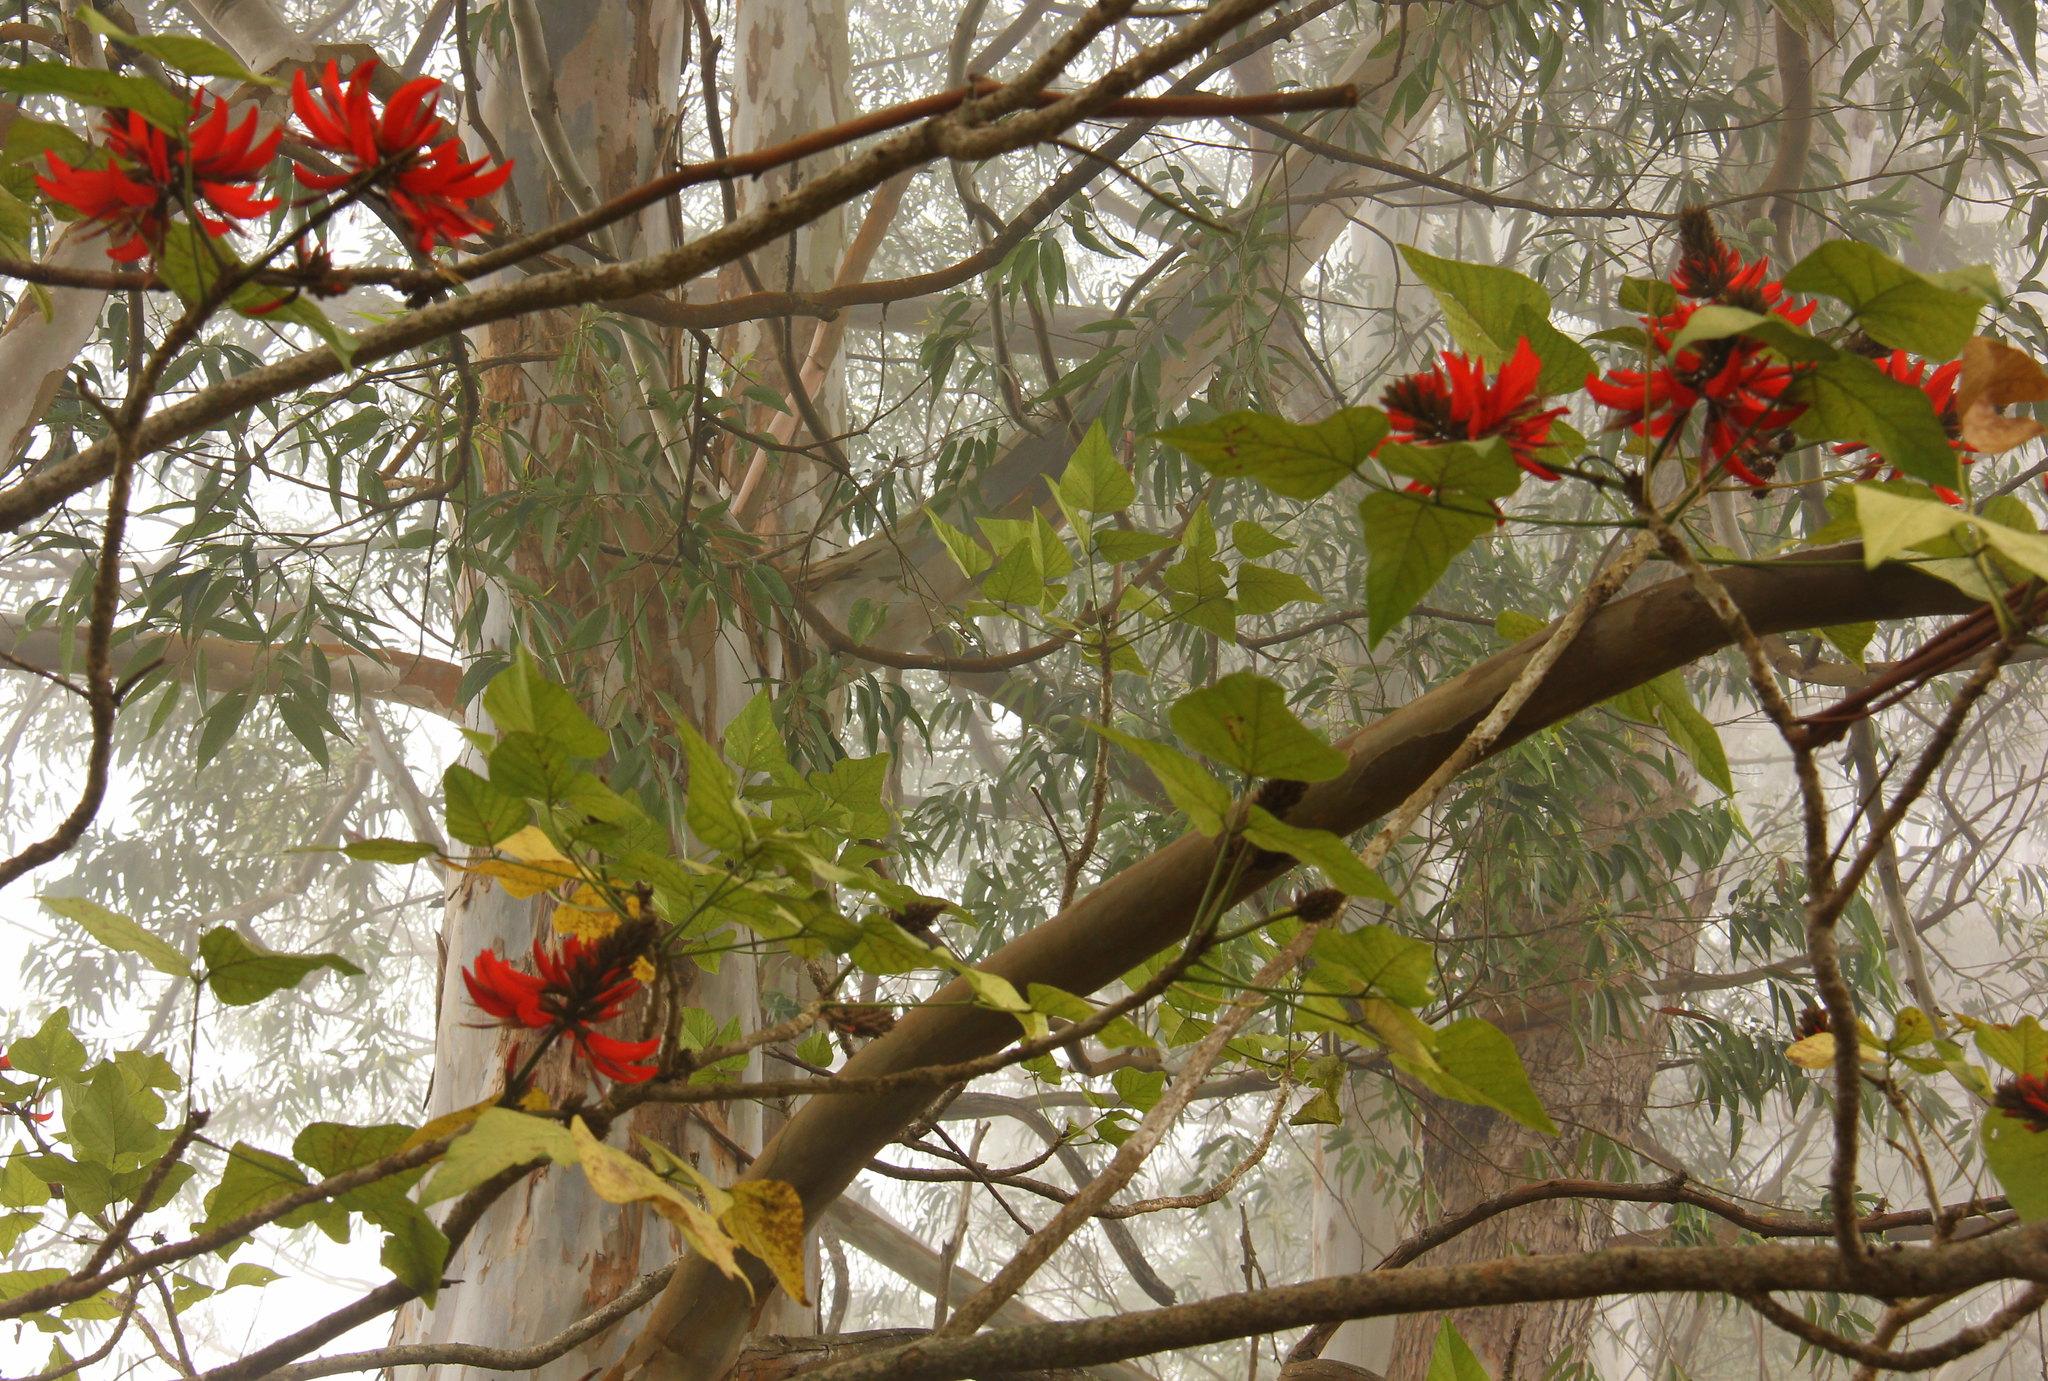 Red flowers blooming in spring in Kodaikanal